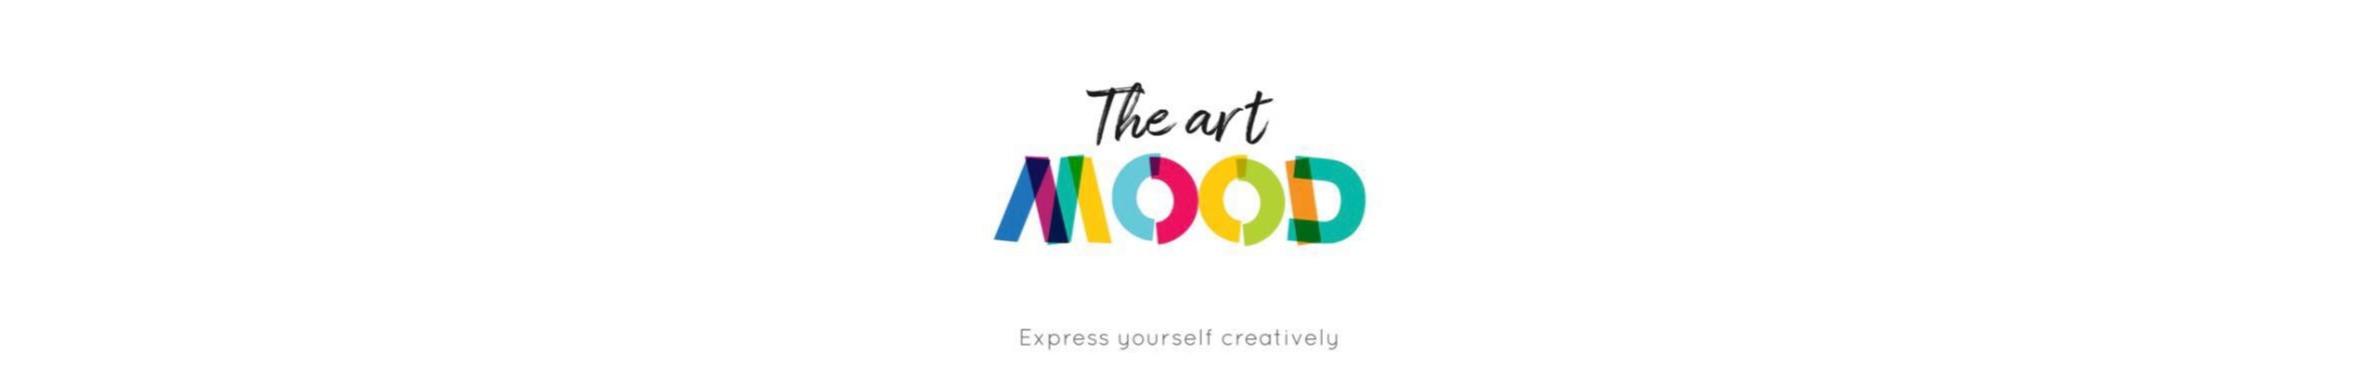 The Art Mood - школа рисования в Валенсии